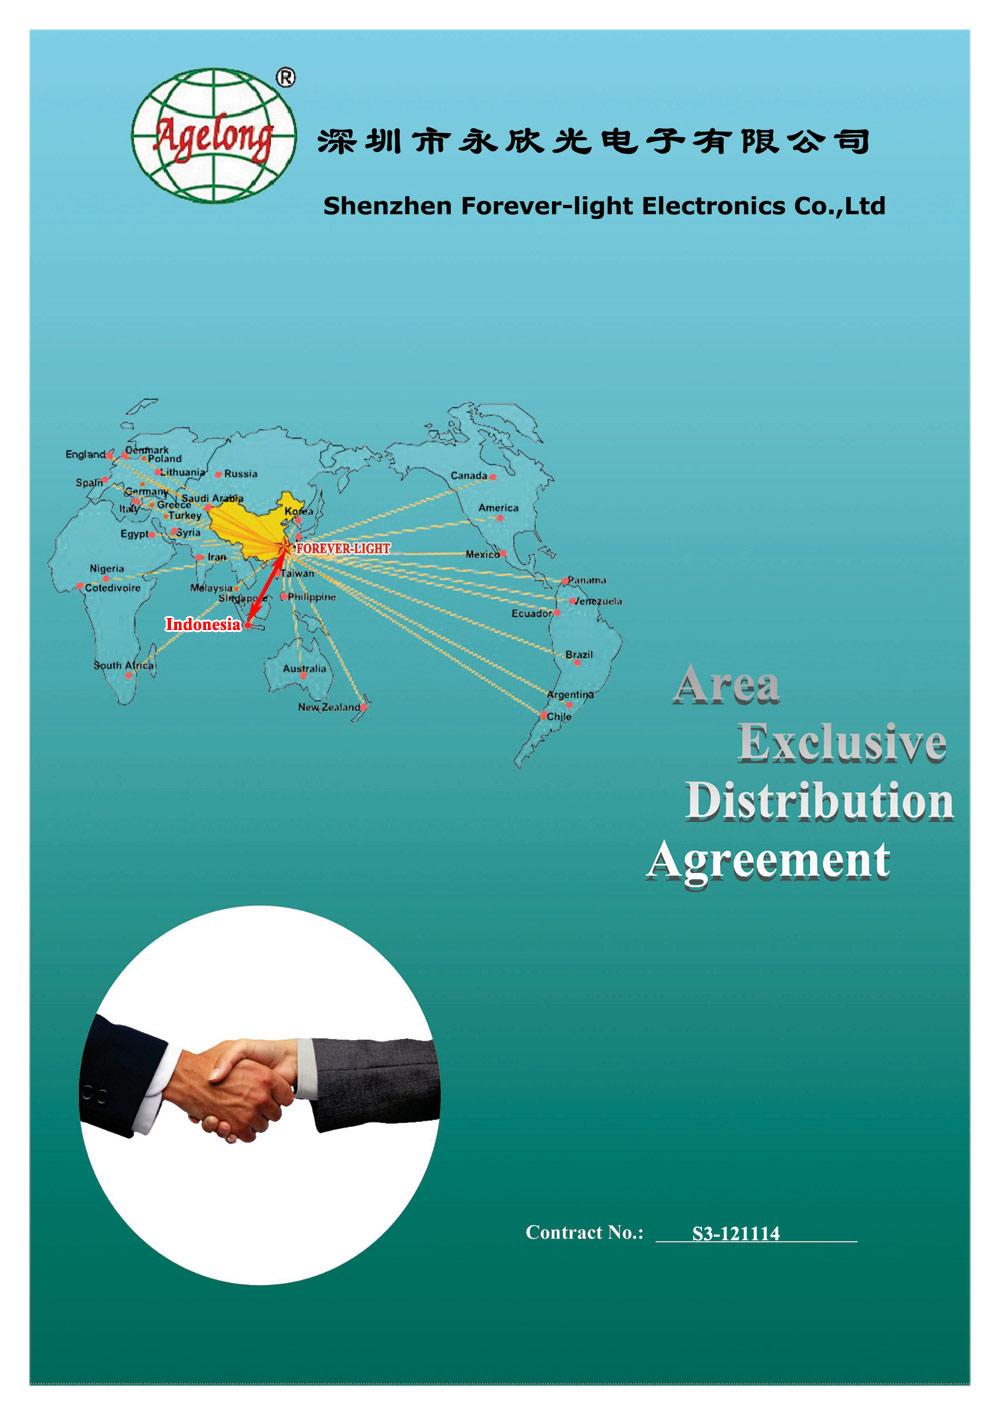 祝贺我司与印度尼西亚客人签订独家经销协议